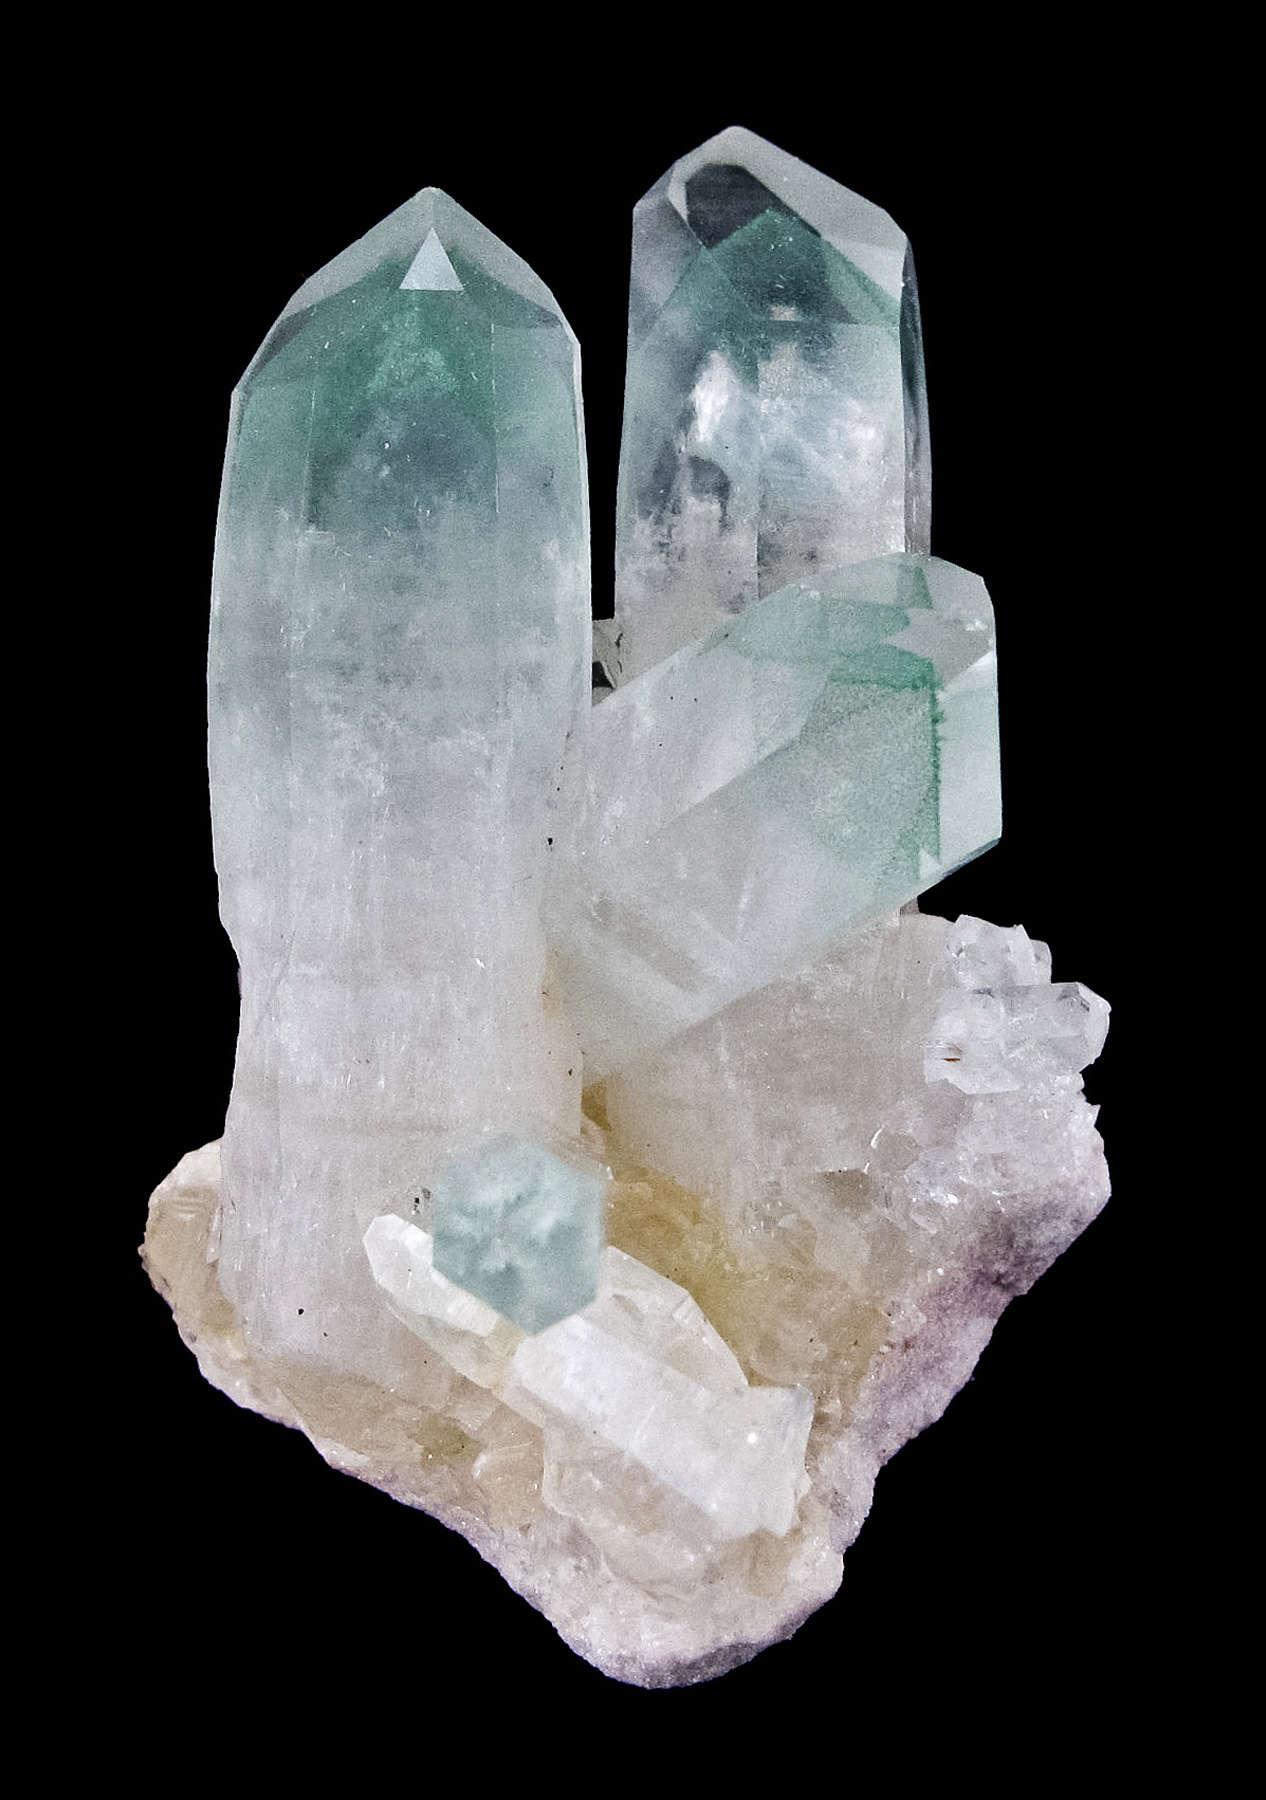 Emplaced matrix milky quartz lustrous translucent gemmy colorless